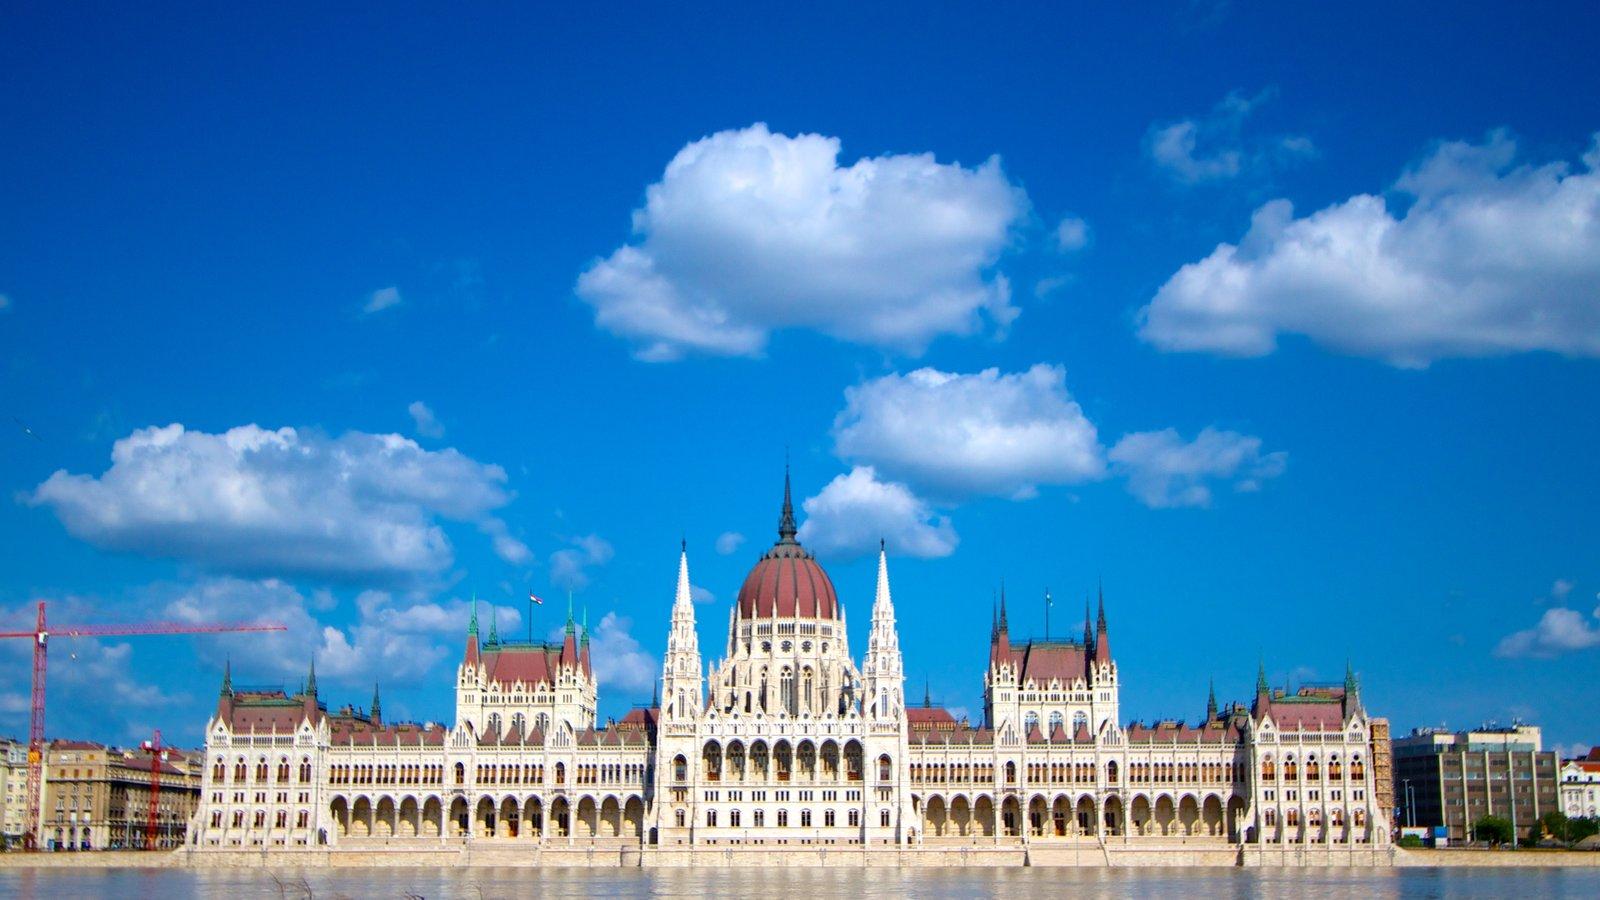 Edifício do Parlamento caracterizando um edifício administrativo, arquitetura de patrimônio e uma cidade